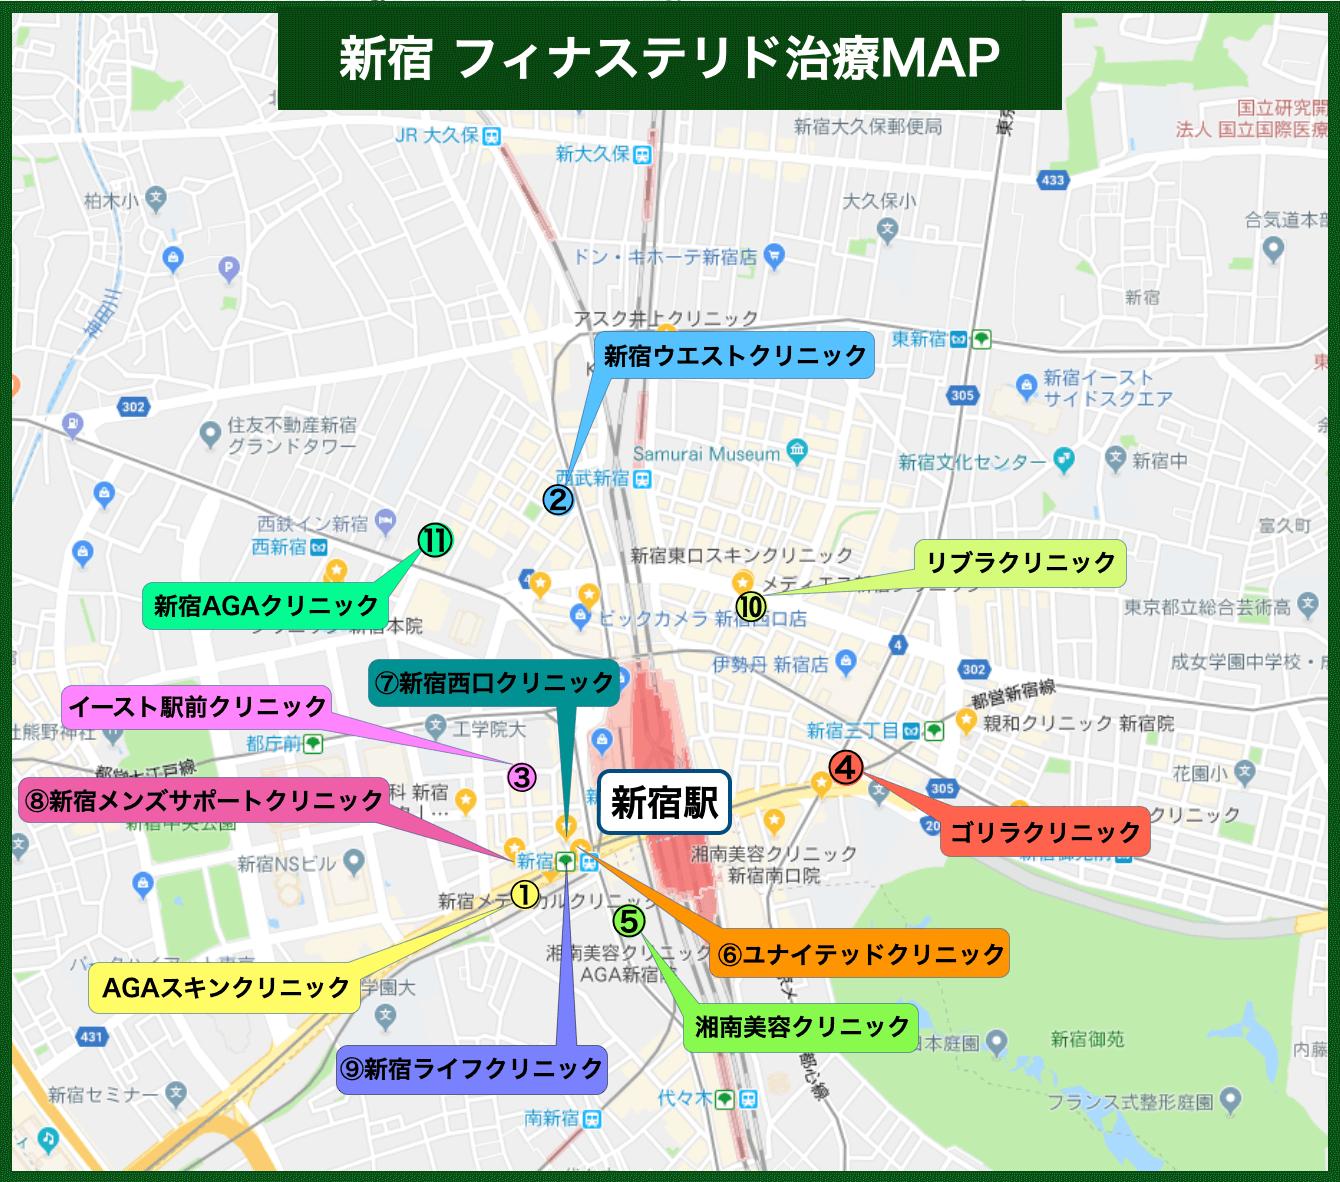 新宿 フィナステリド治療MAP